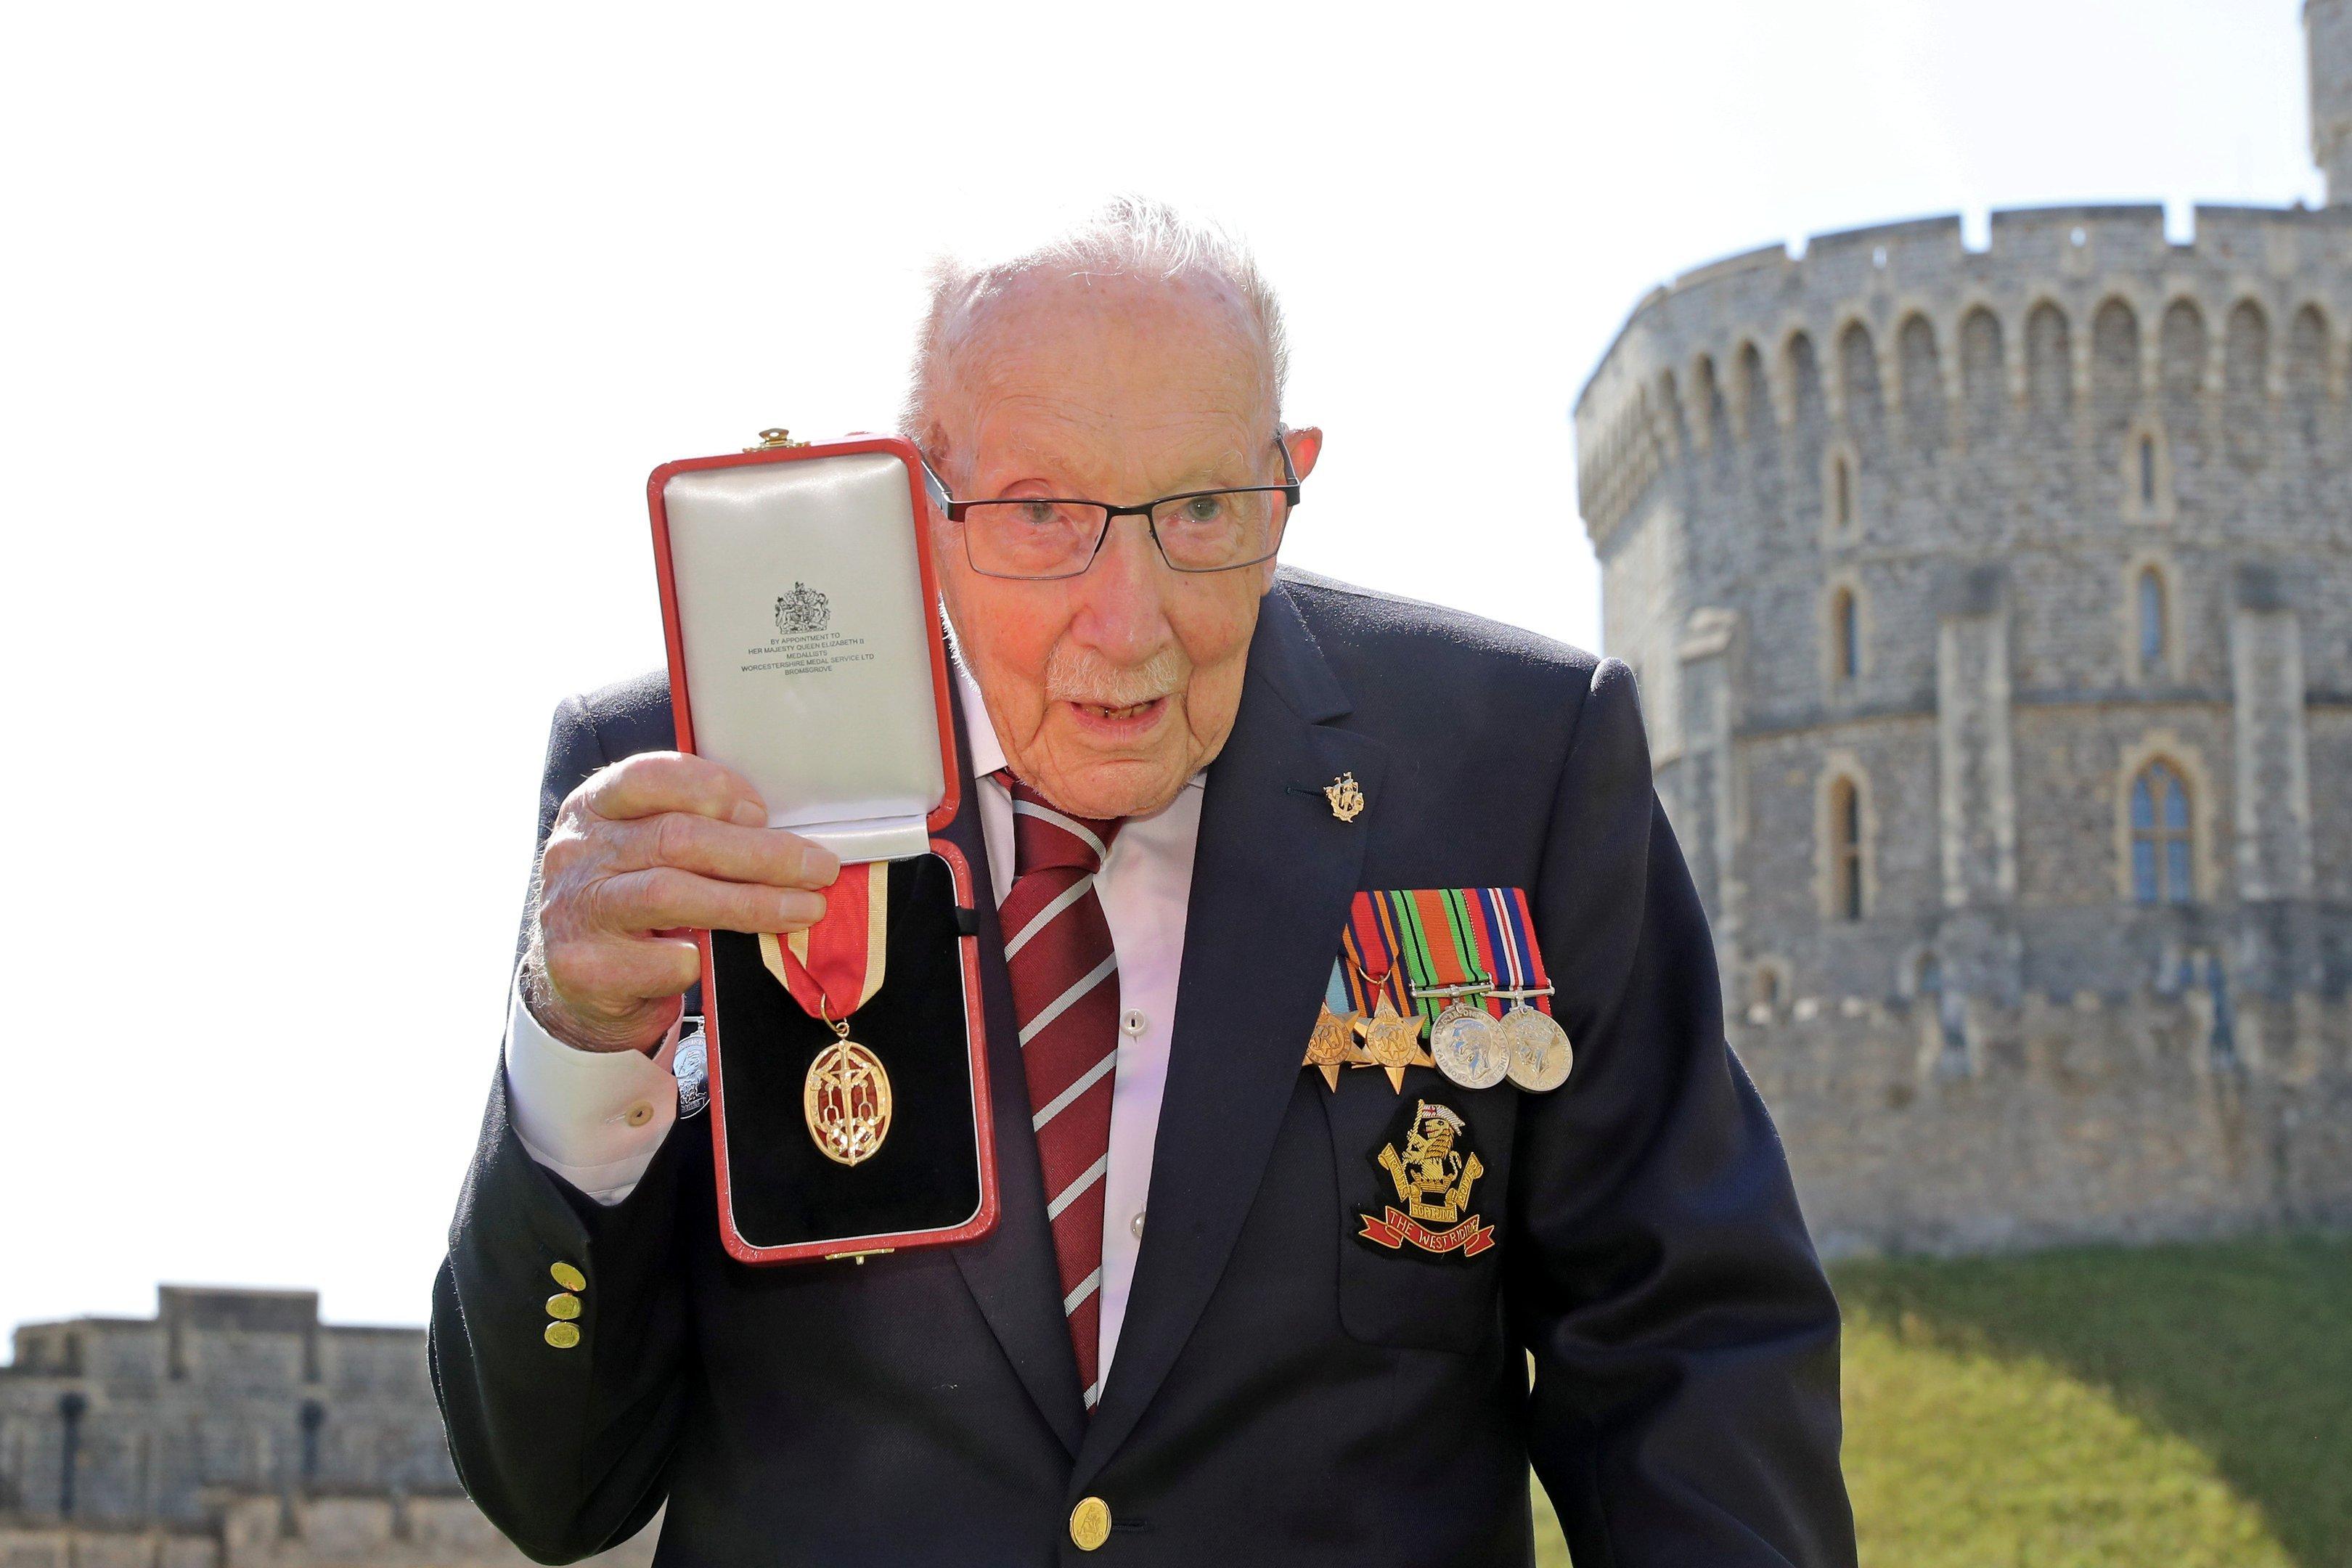 Capitão Tom recebe o título de cavaleiro da rainha Elizabeth 2ª